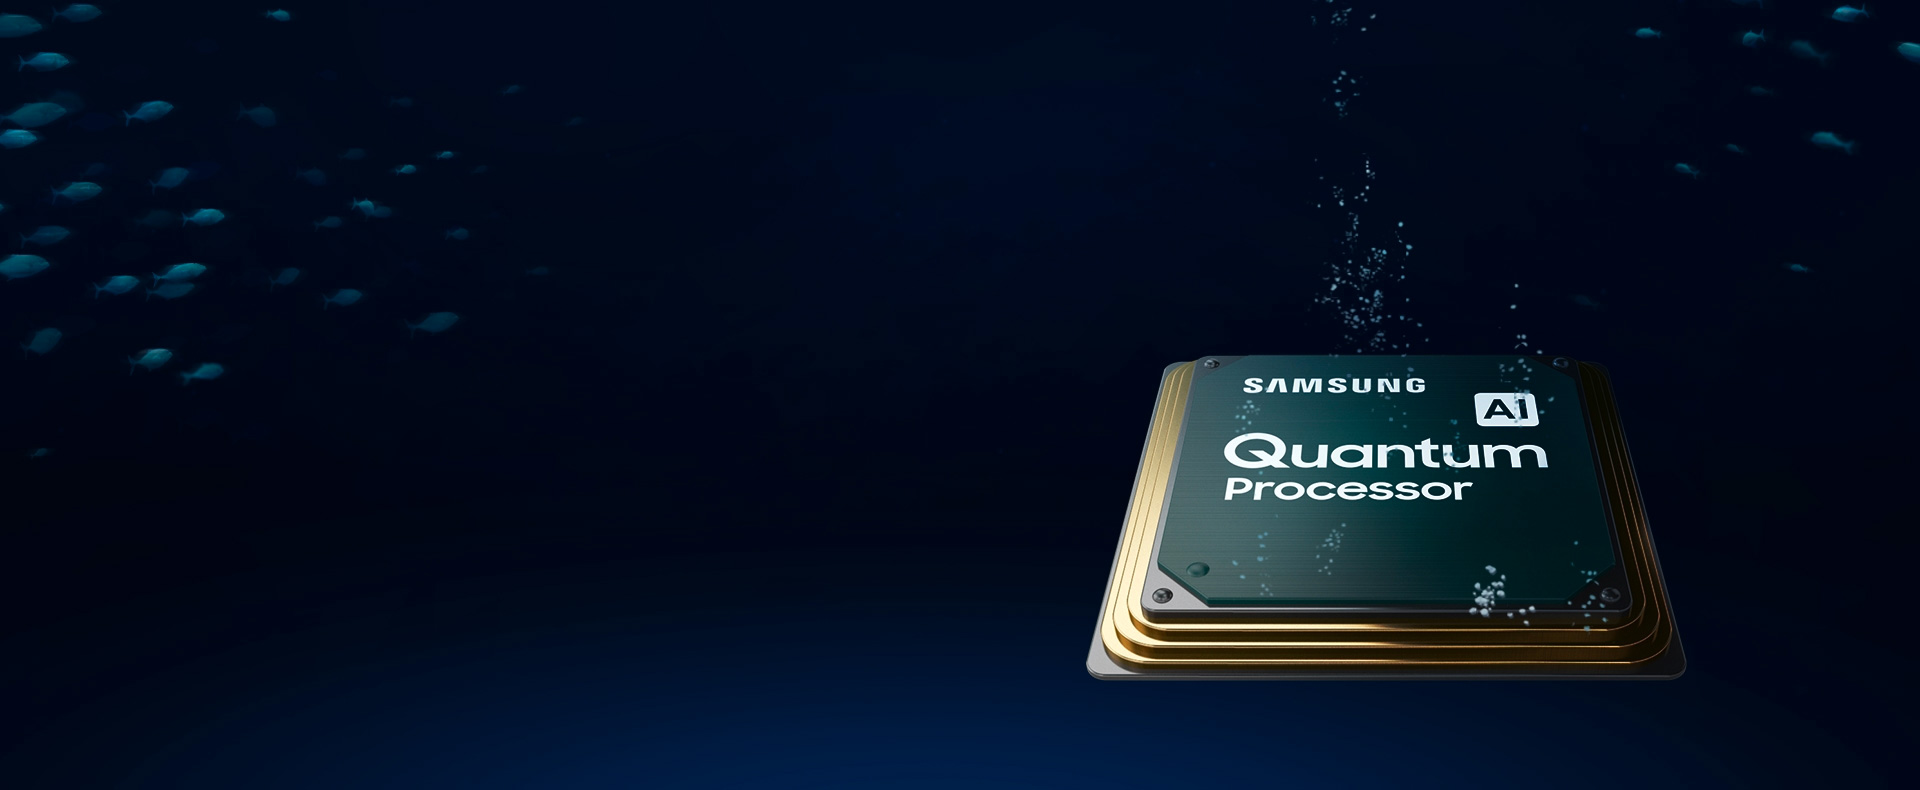 O processador Quantum da nova QLED TV com o sistema de aprendizagem automática para a nova gama de QLED TV da Samsung, envolvido em sombra.